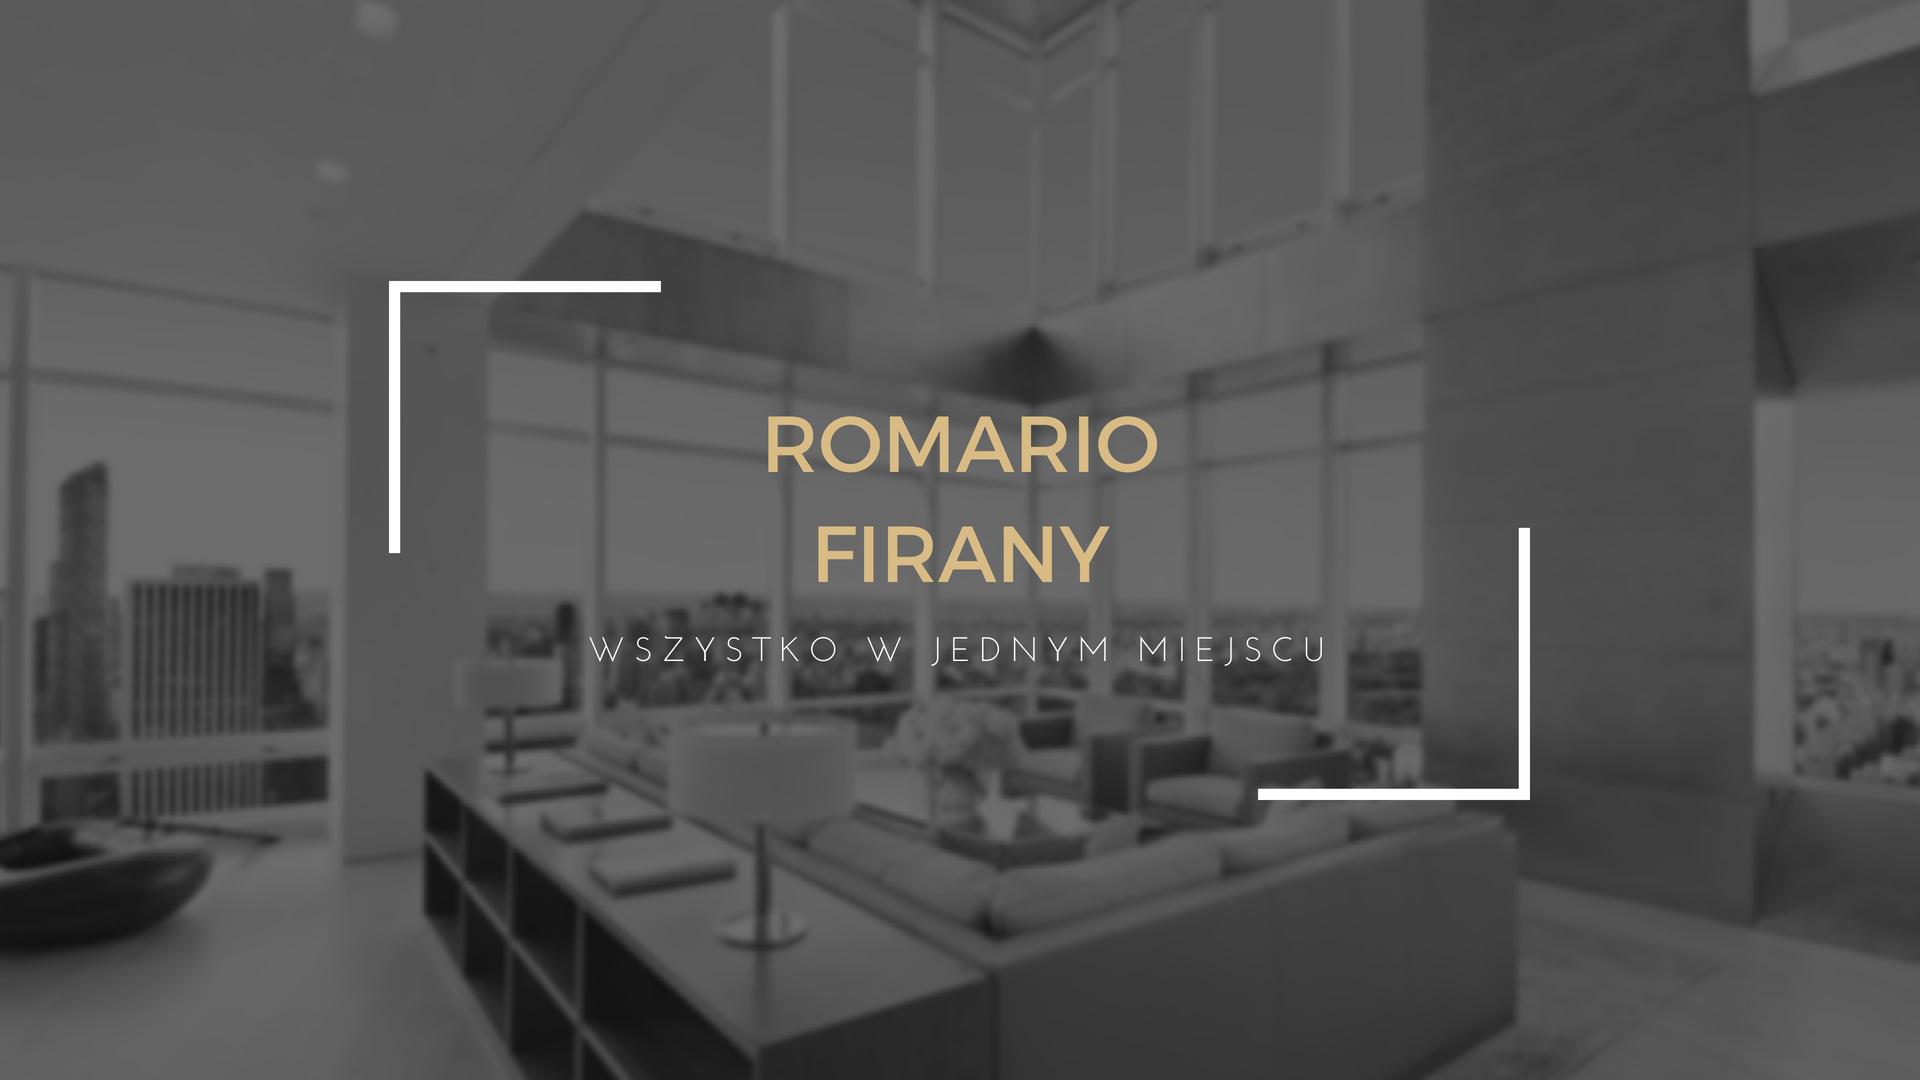 Romariofirany